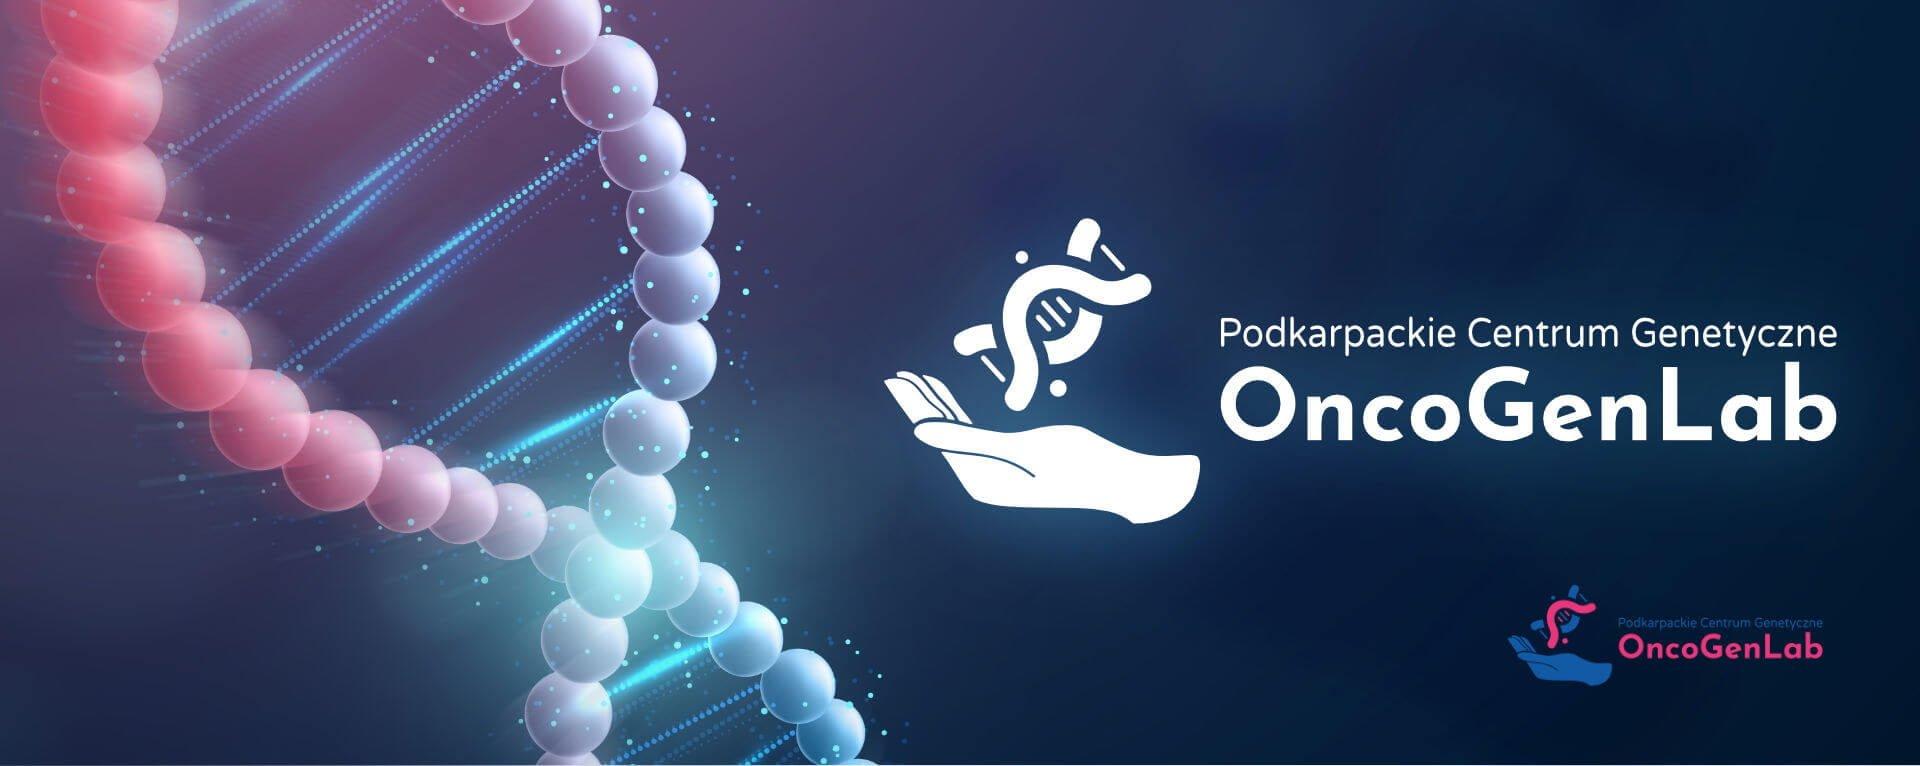 Podkarpackie Centrum Genetyczne OncoGenLab Sp. z o.o.